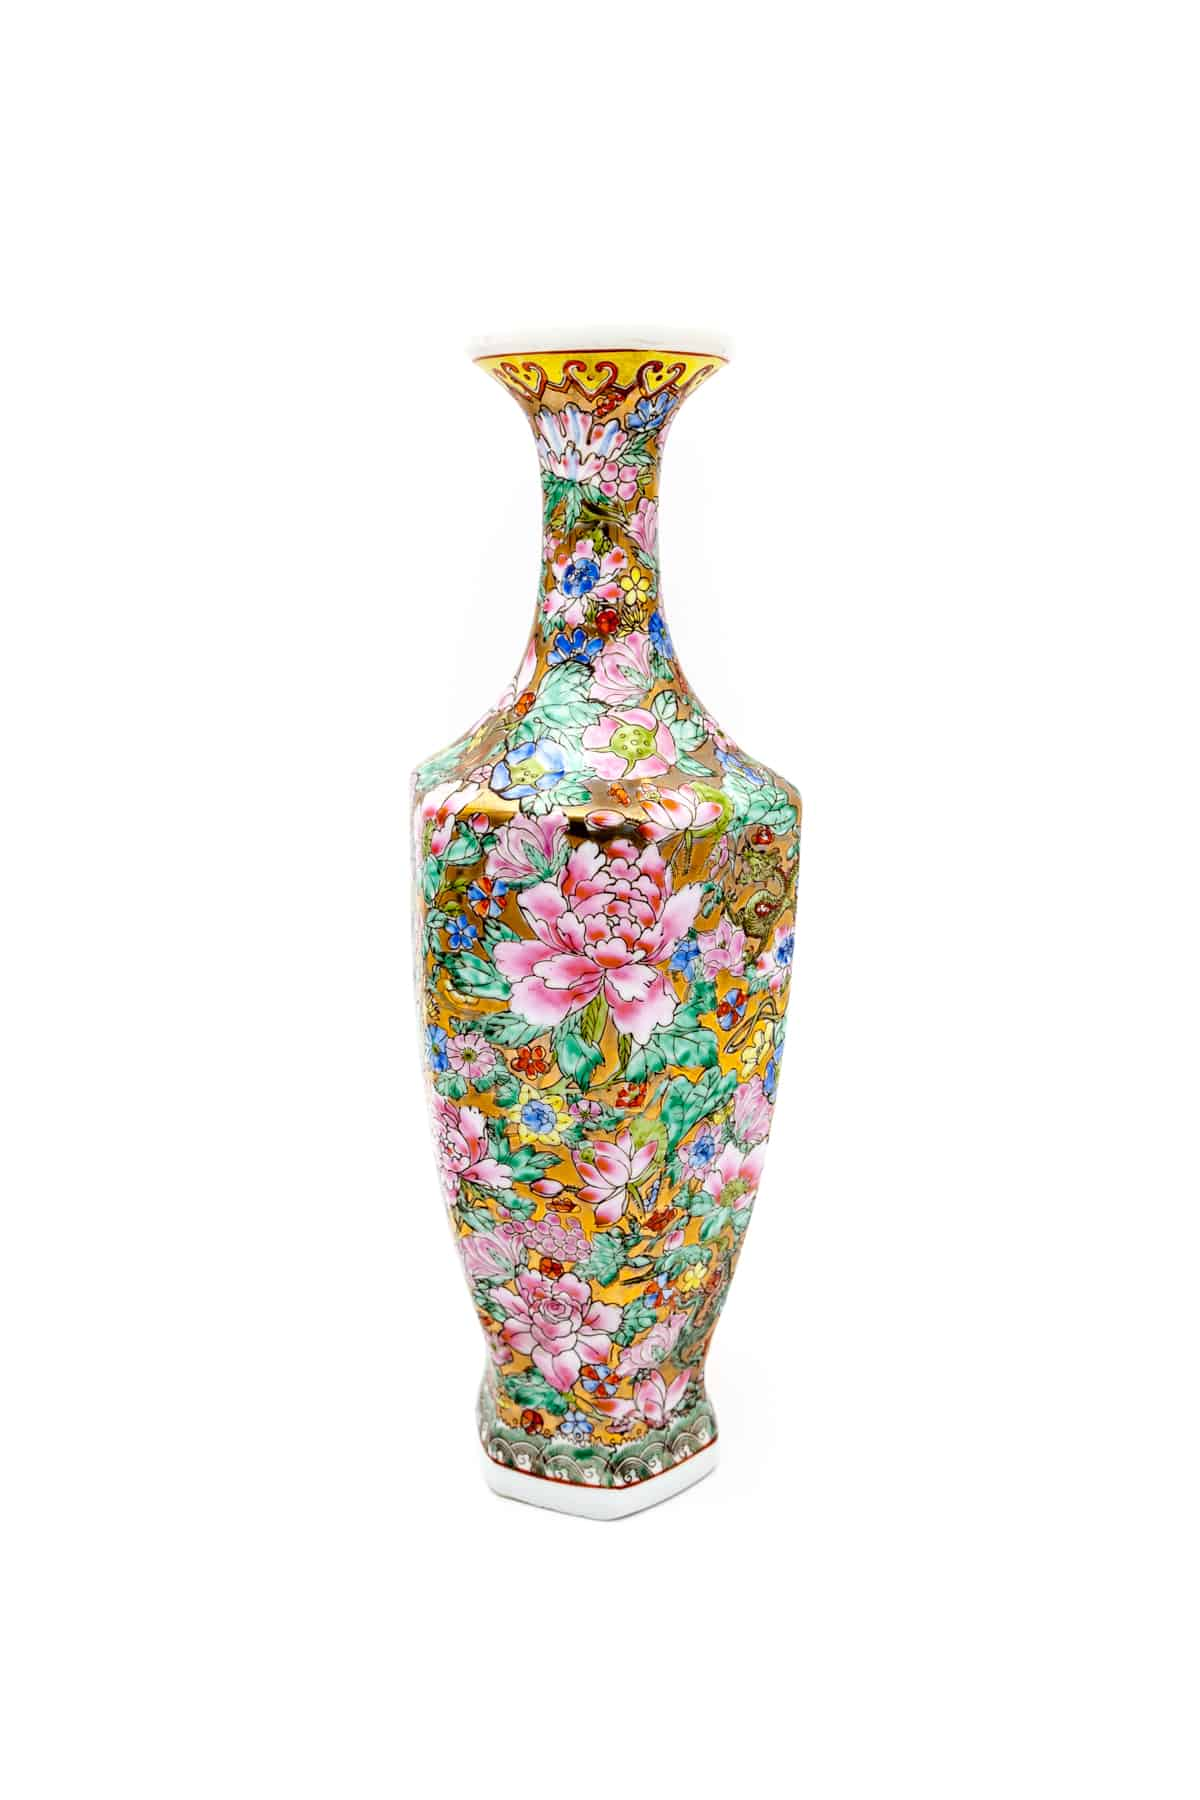 farforovaya vaza tsvety i drakony